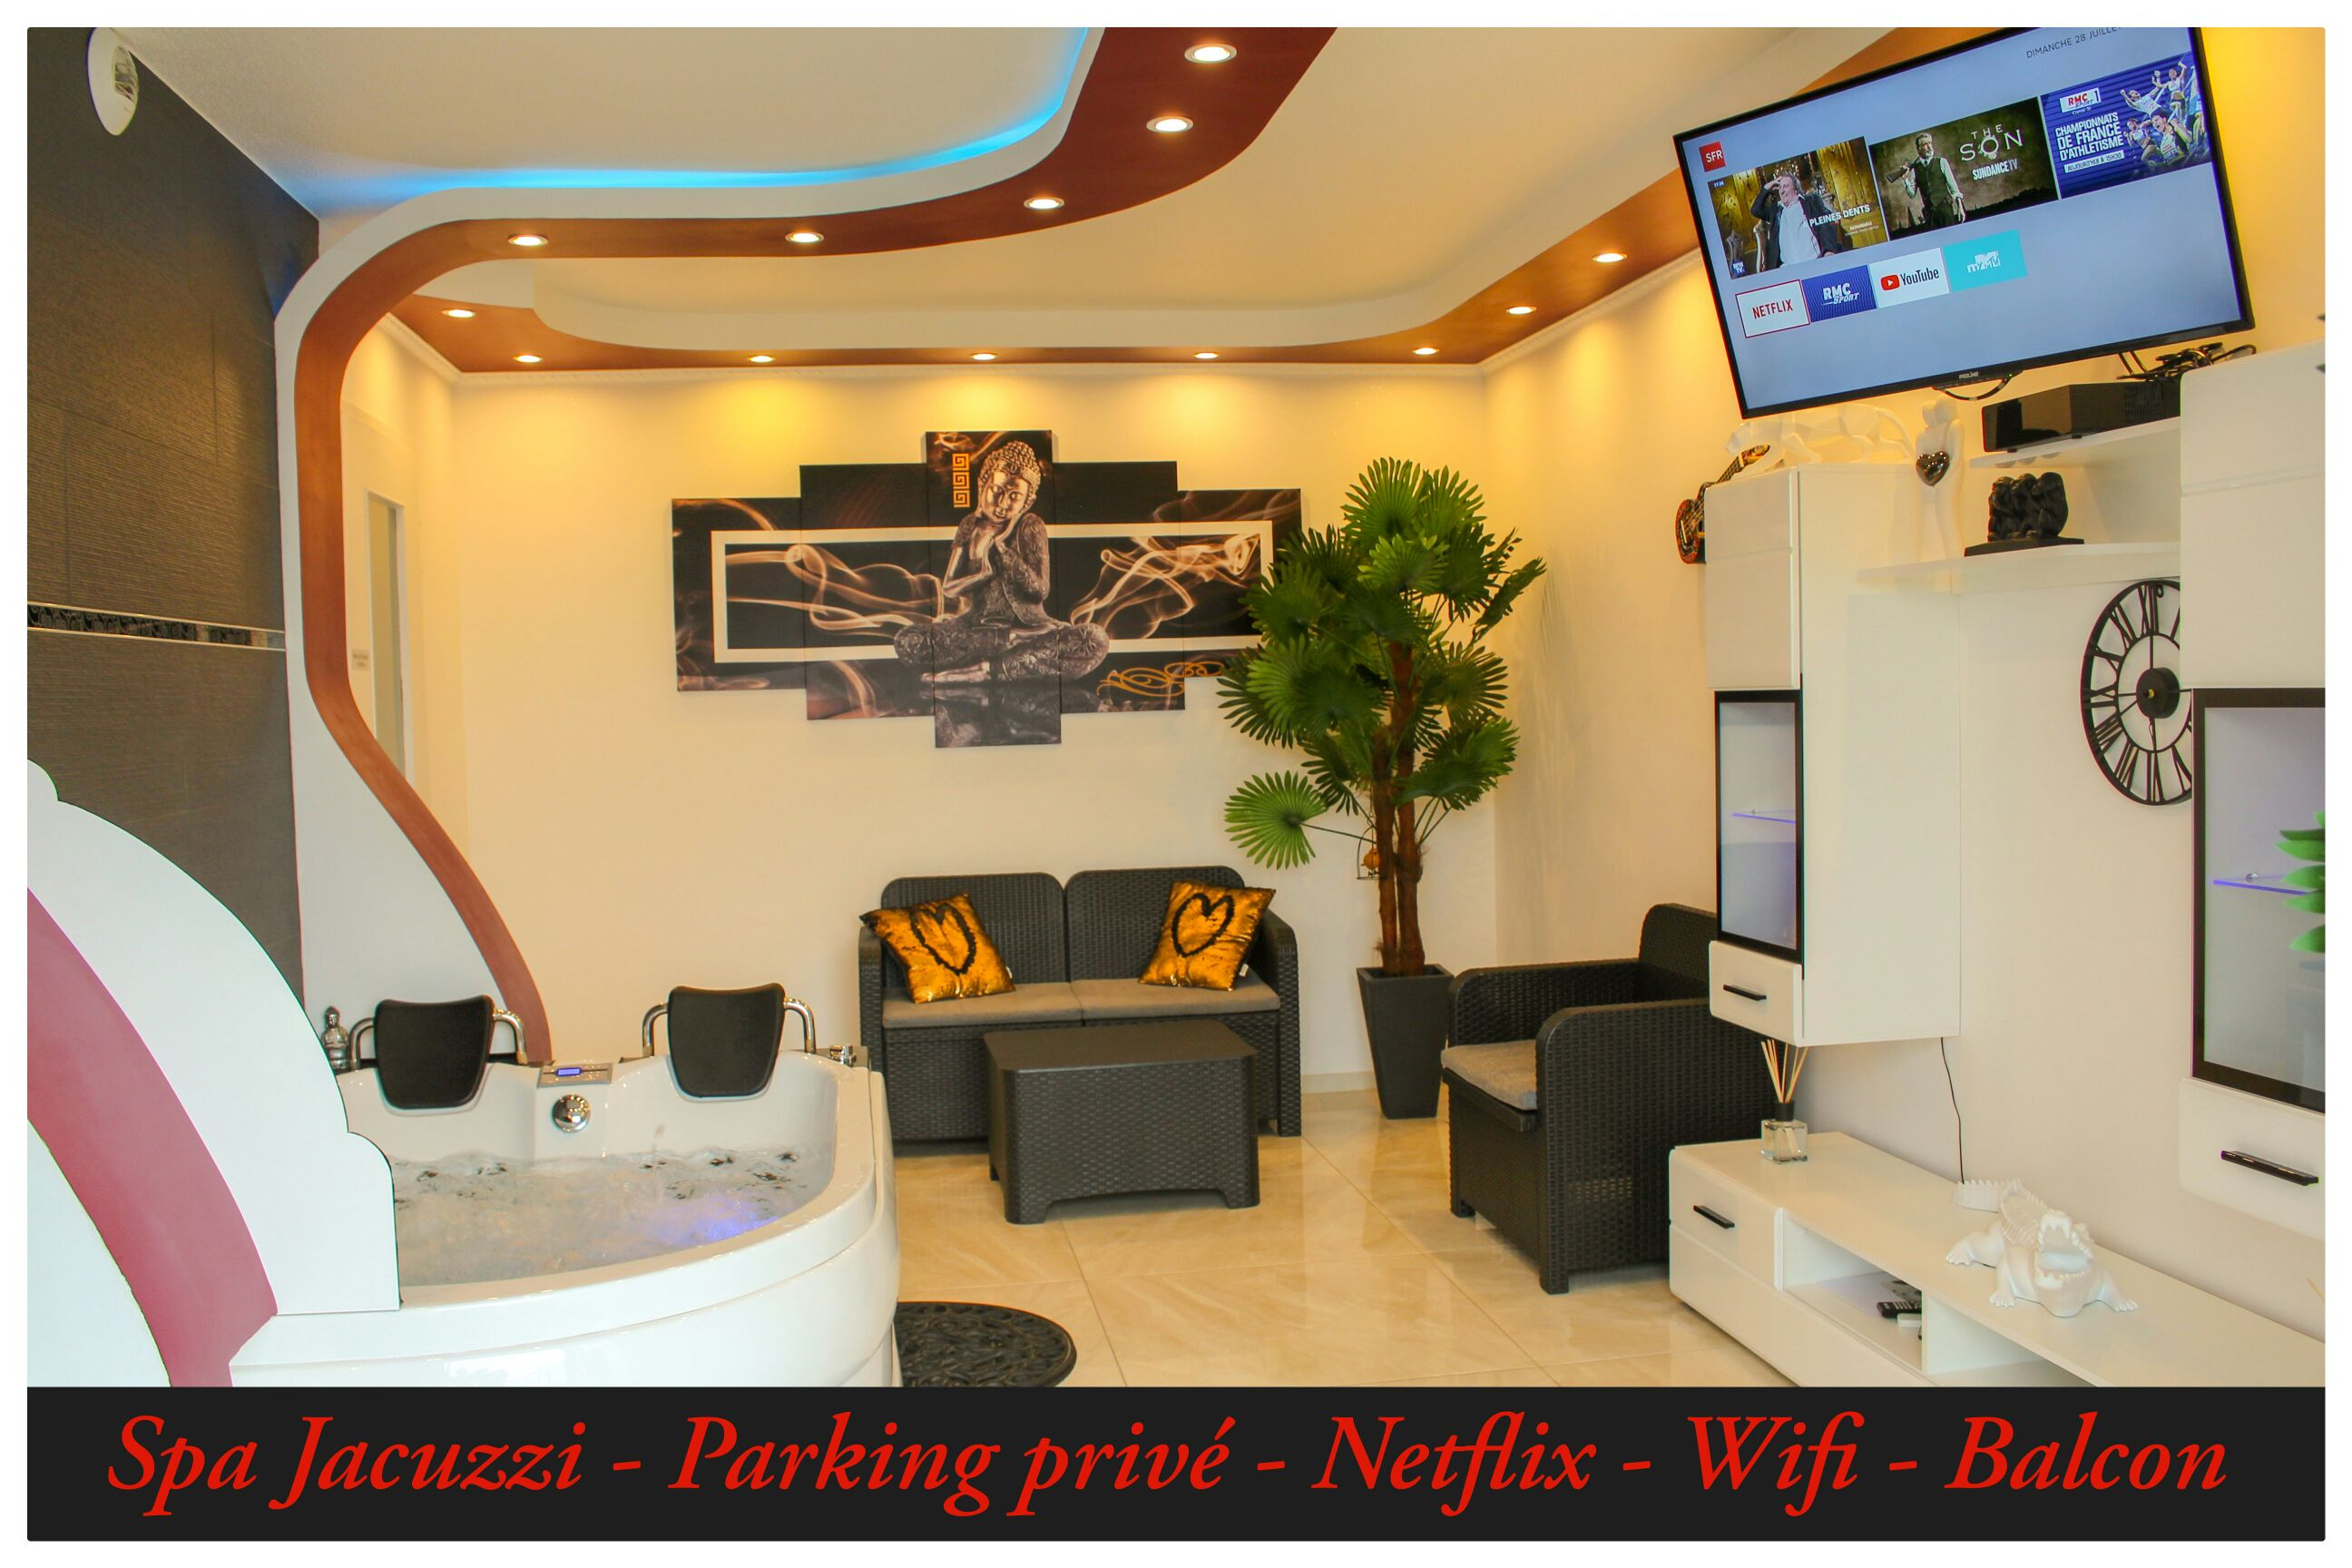 Suite Privatif Spa Jacuzzi Parking Wifi Netflix Flats For Rent